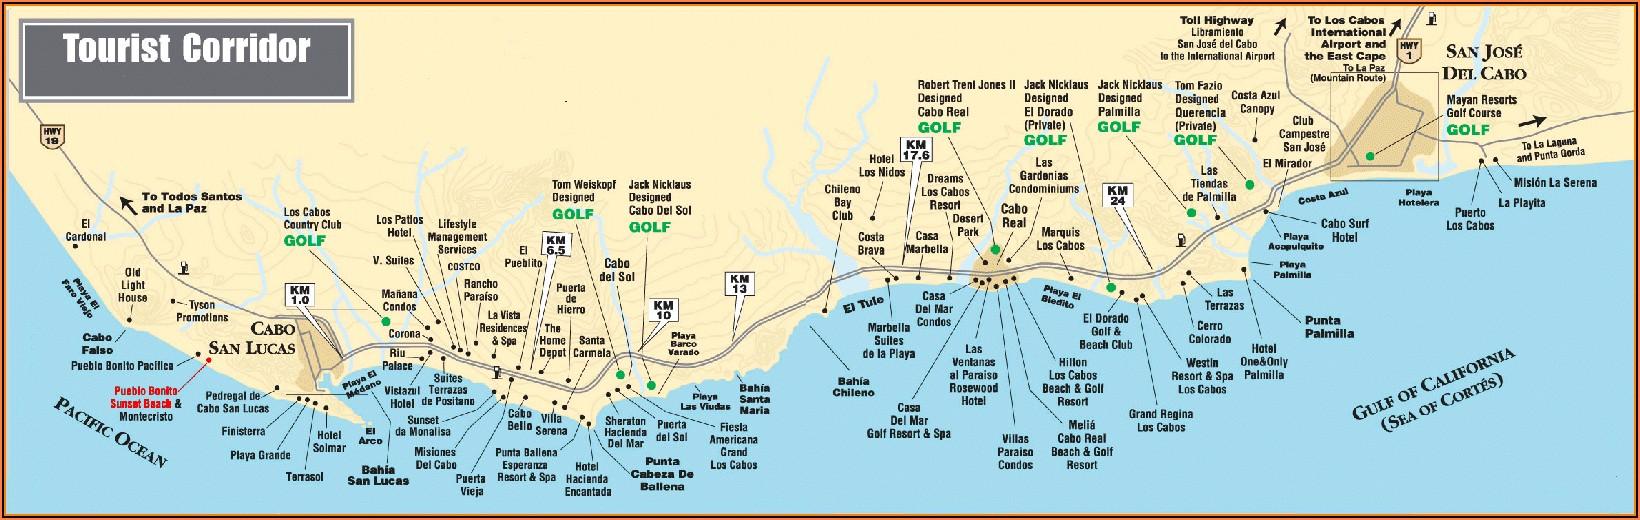 Map Of Los Cabos Hotel Zone